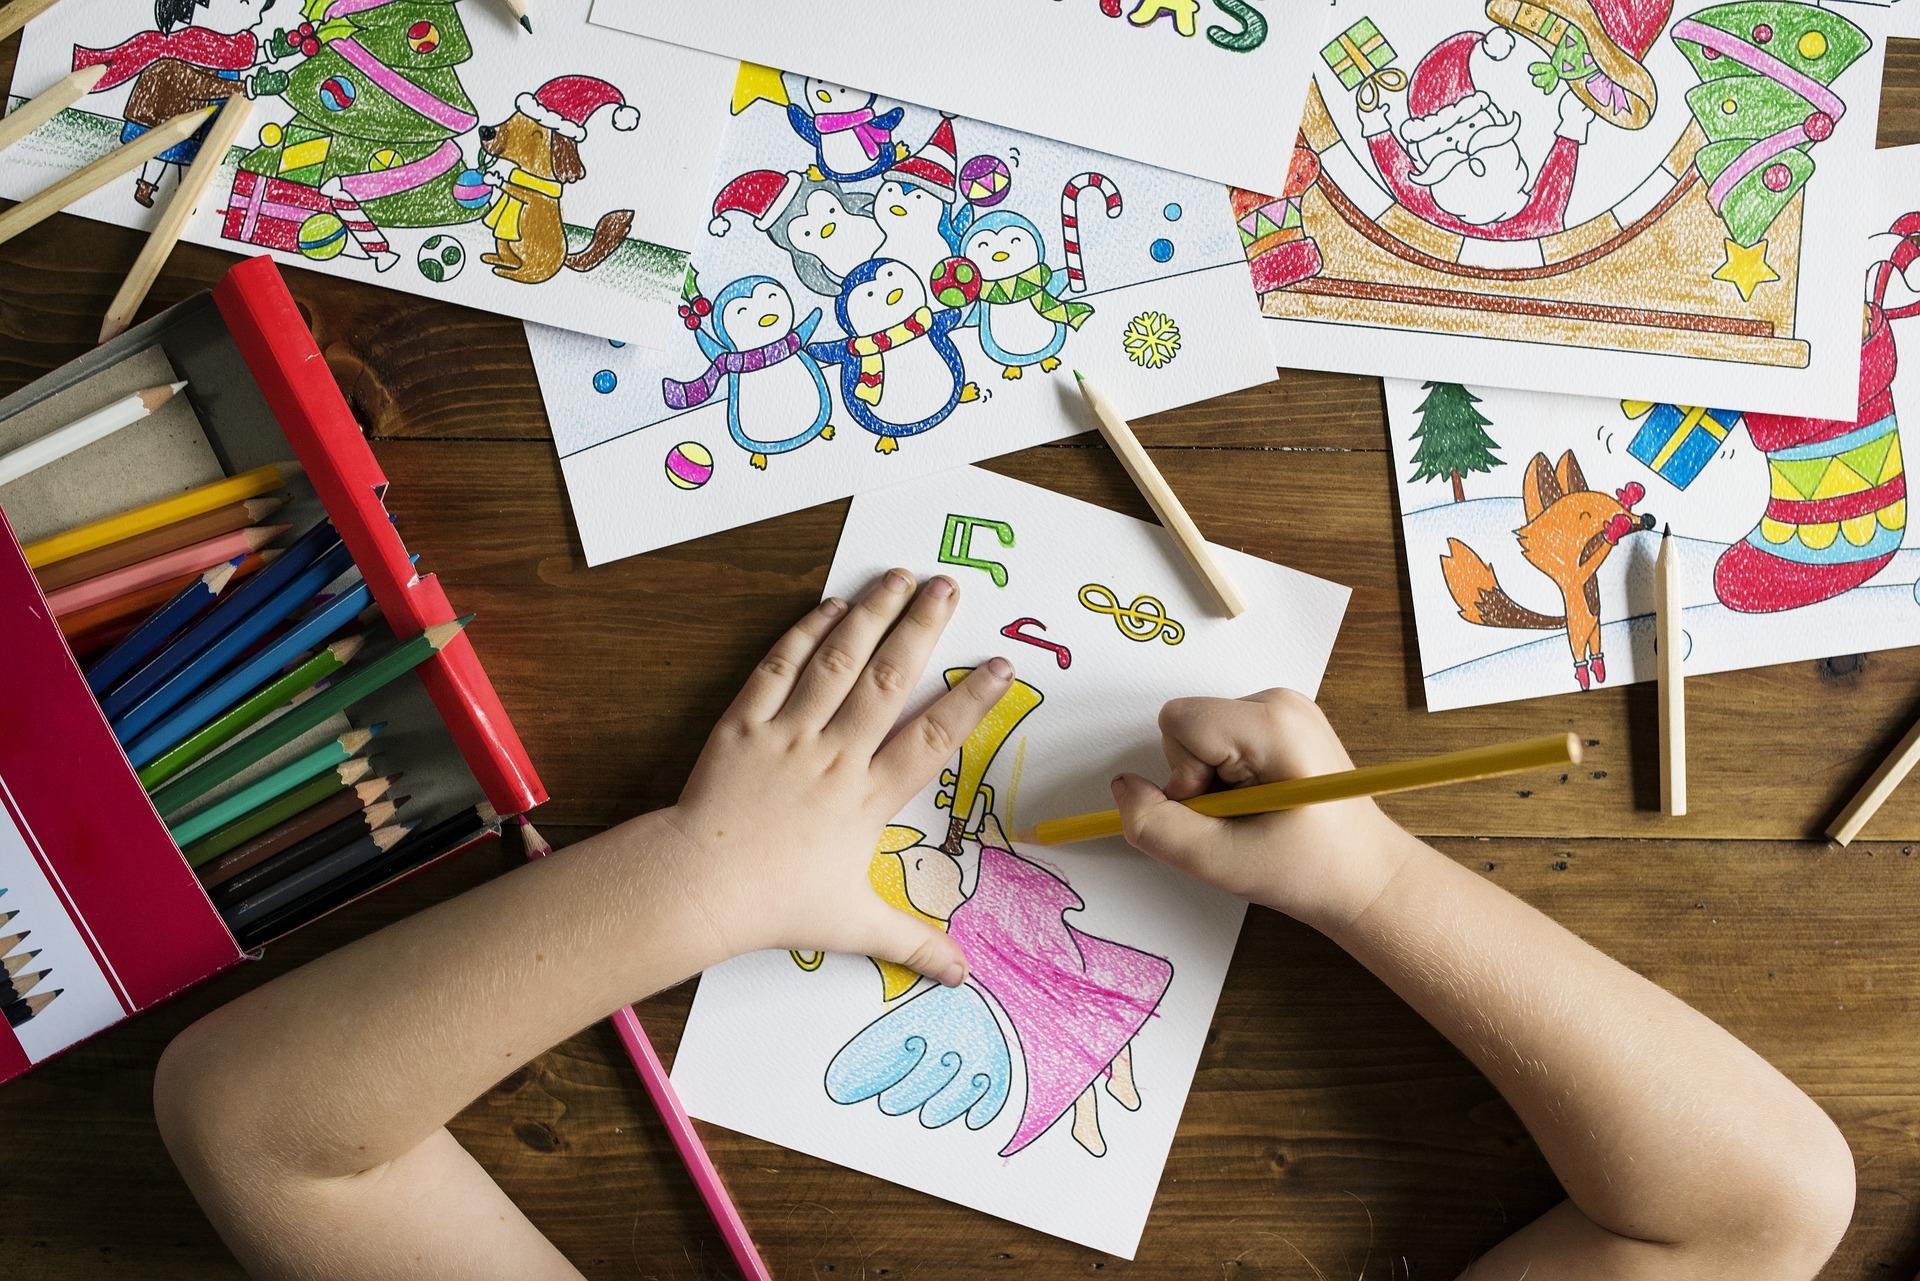 Loisirs - Mains d'enfants en train de dessiner